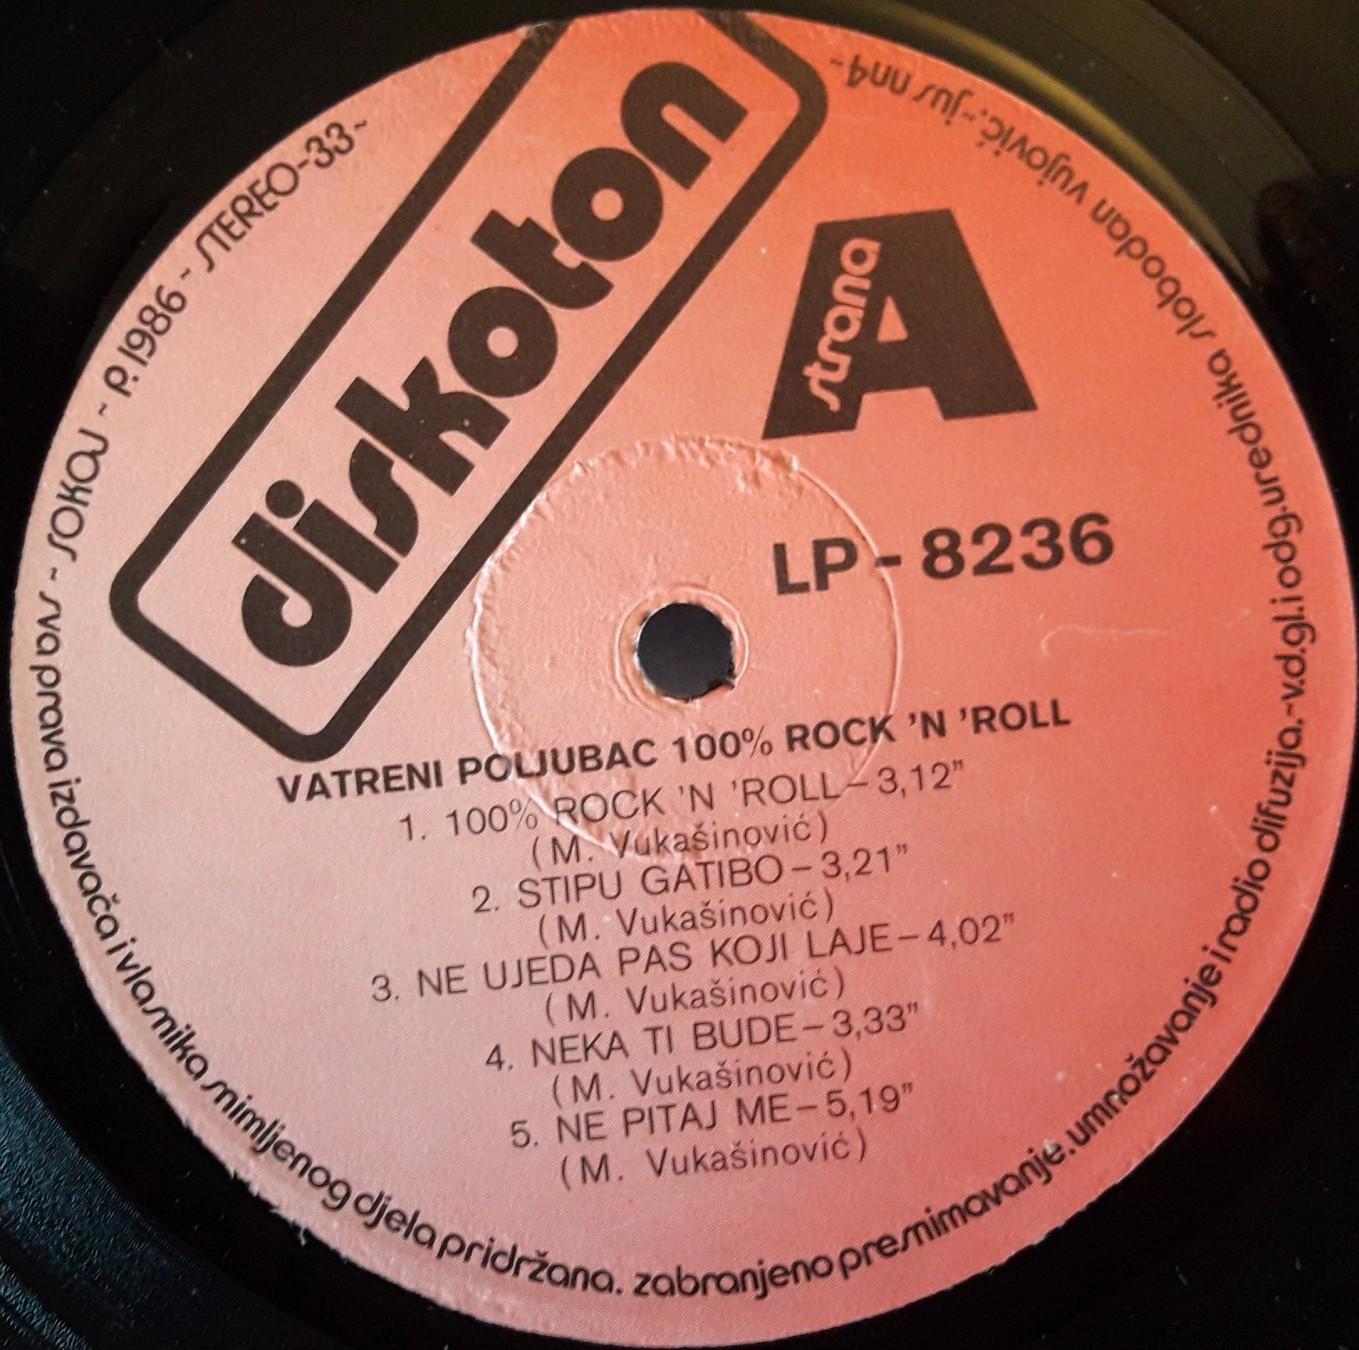 web stranica za upoznavanje rock n rolla besplatno online upoznavanje australskih web mjesta